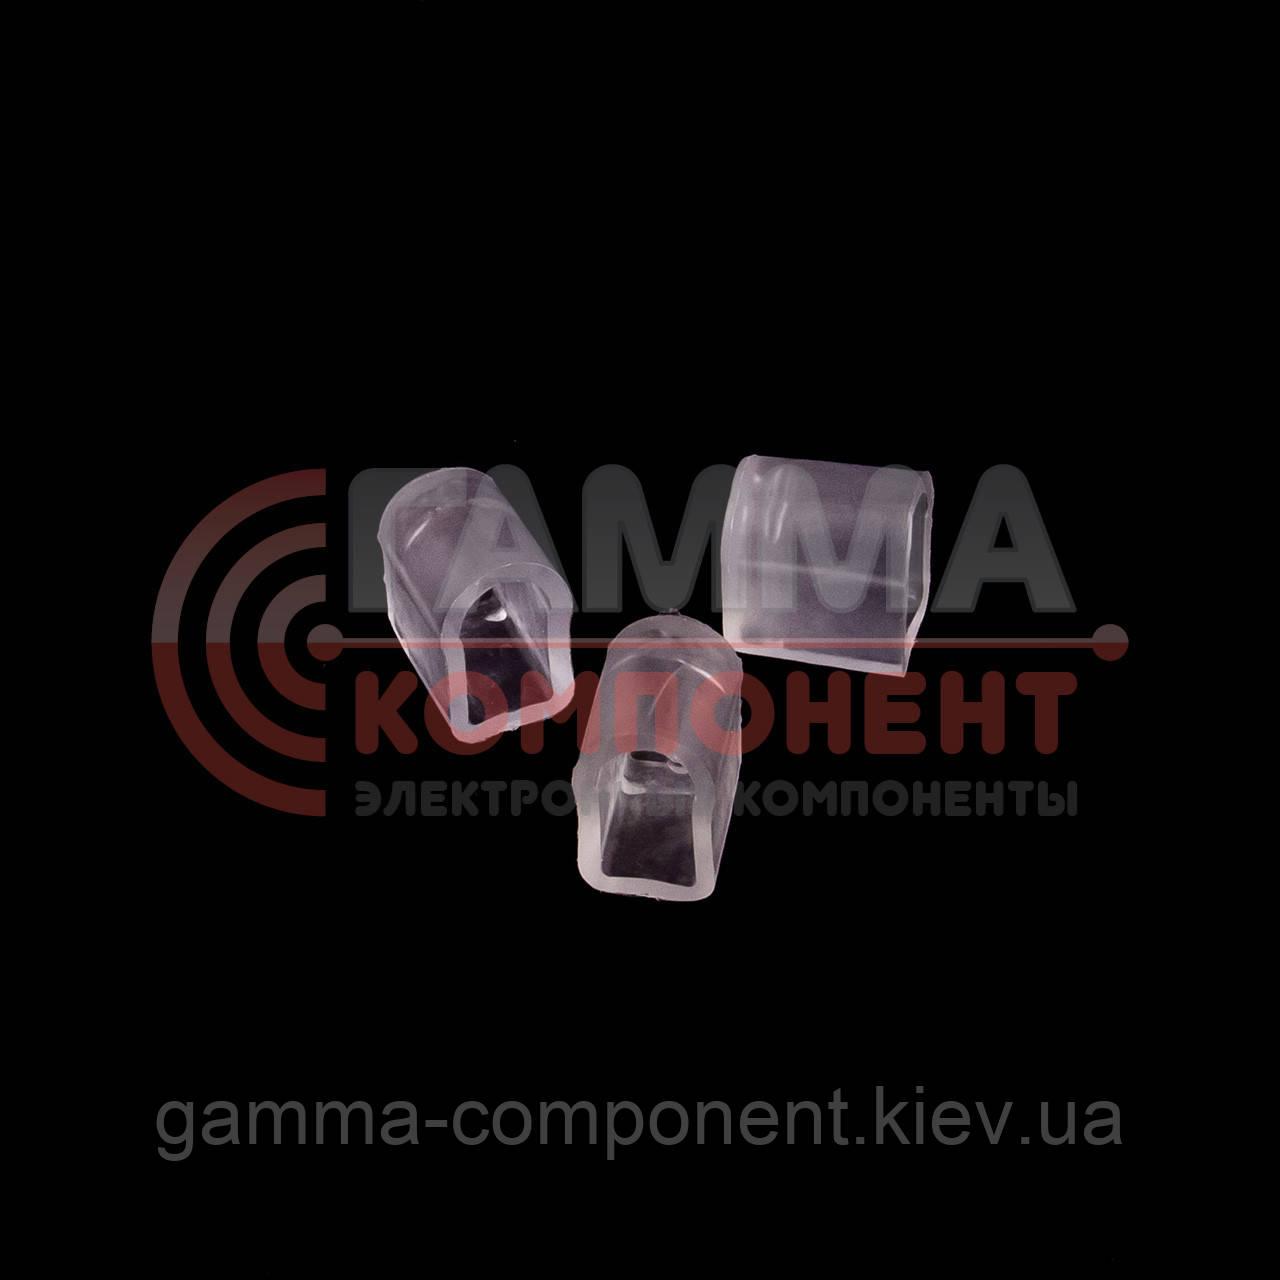 Заглушка для светодиодного неона RGB 220B AVT smd 5050-72 лед/м